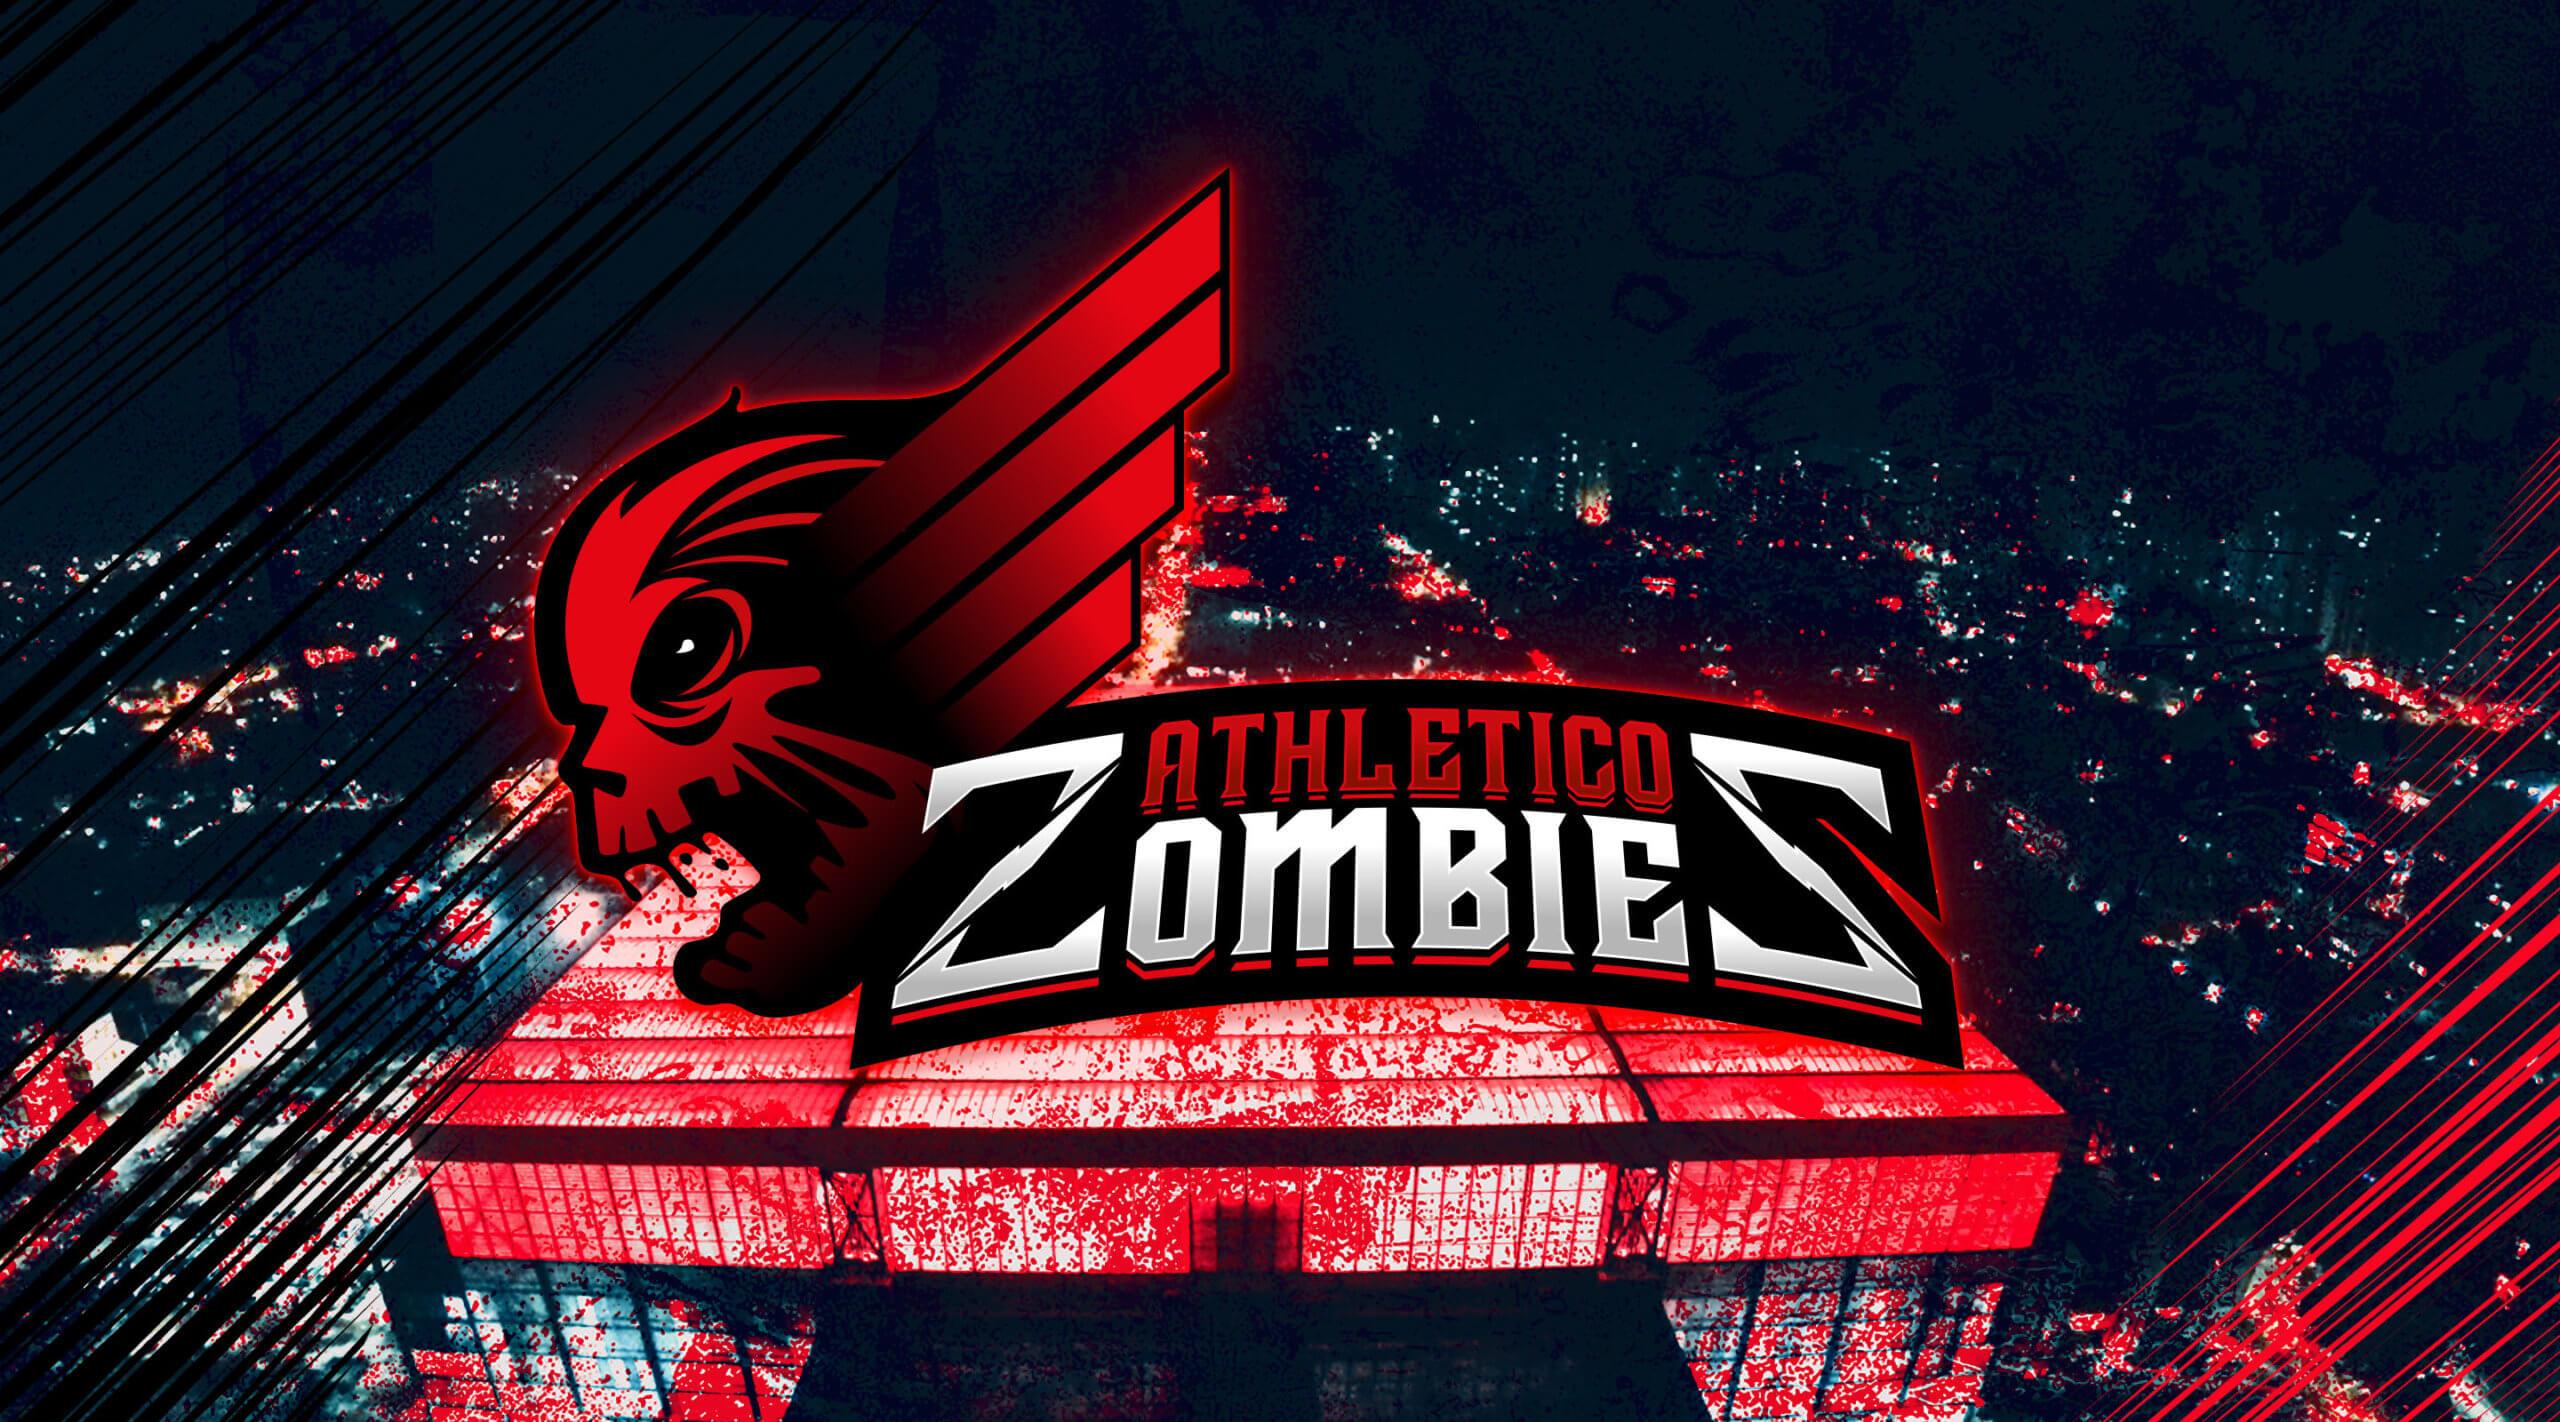 Athletico Zombies